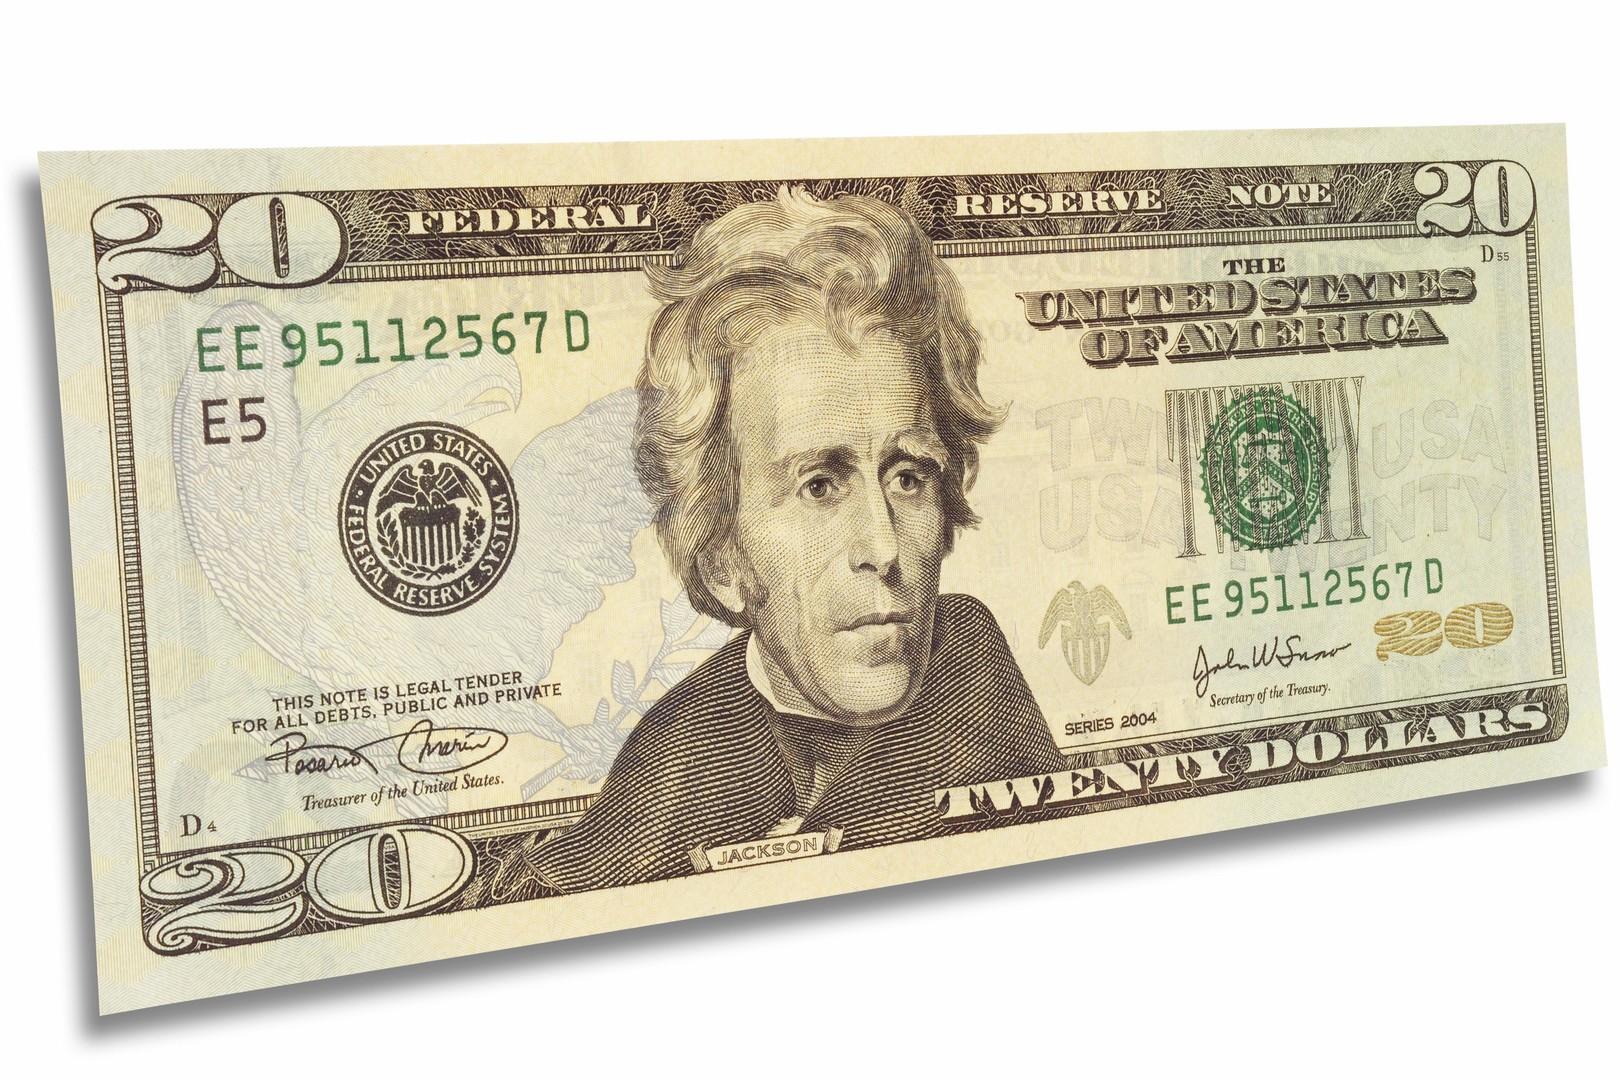 Trump-Regierung verschiebt Einführung von 20-Dollar-Schein mit Bild schwarzer Sklaverei-Gegnerin